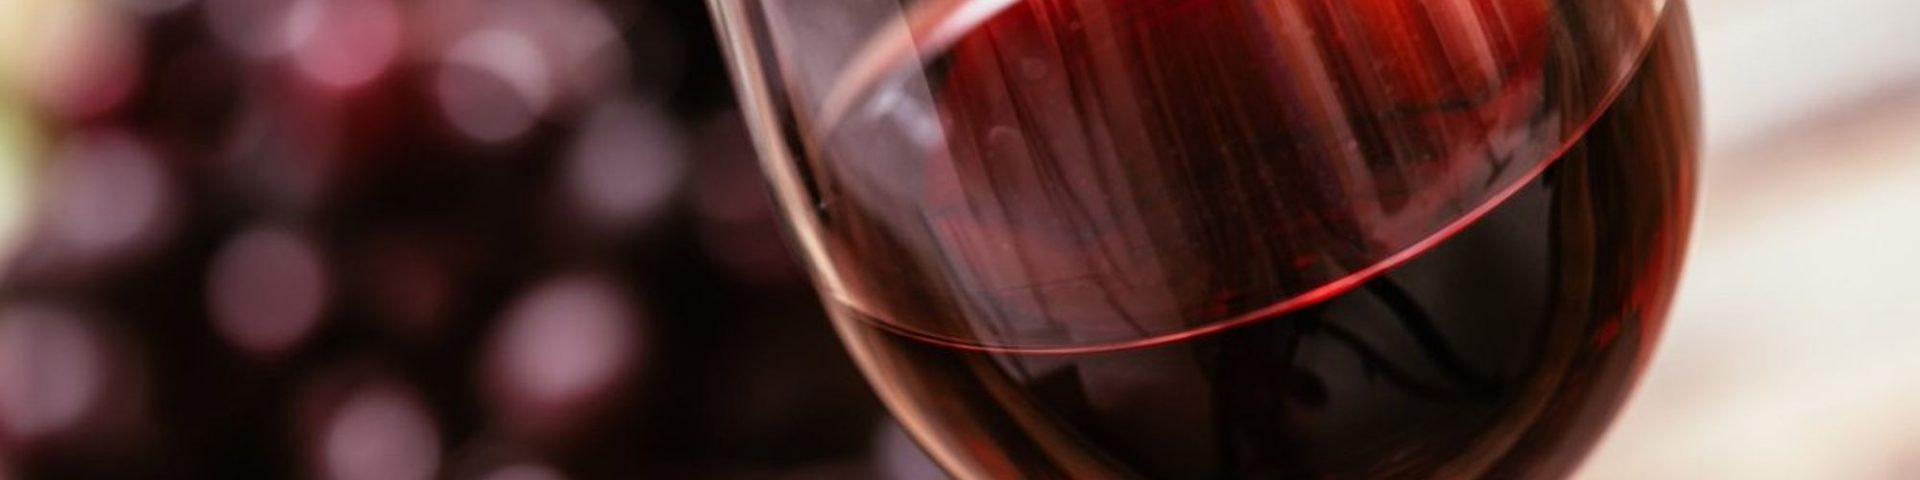 12-13-14-15 settembre: Sagre del Risotto, Vino e Nocciola